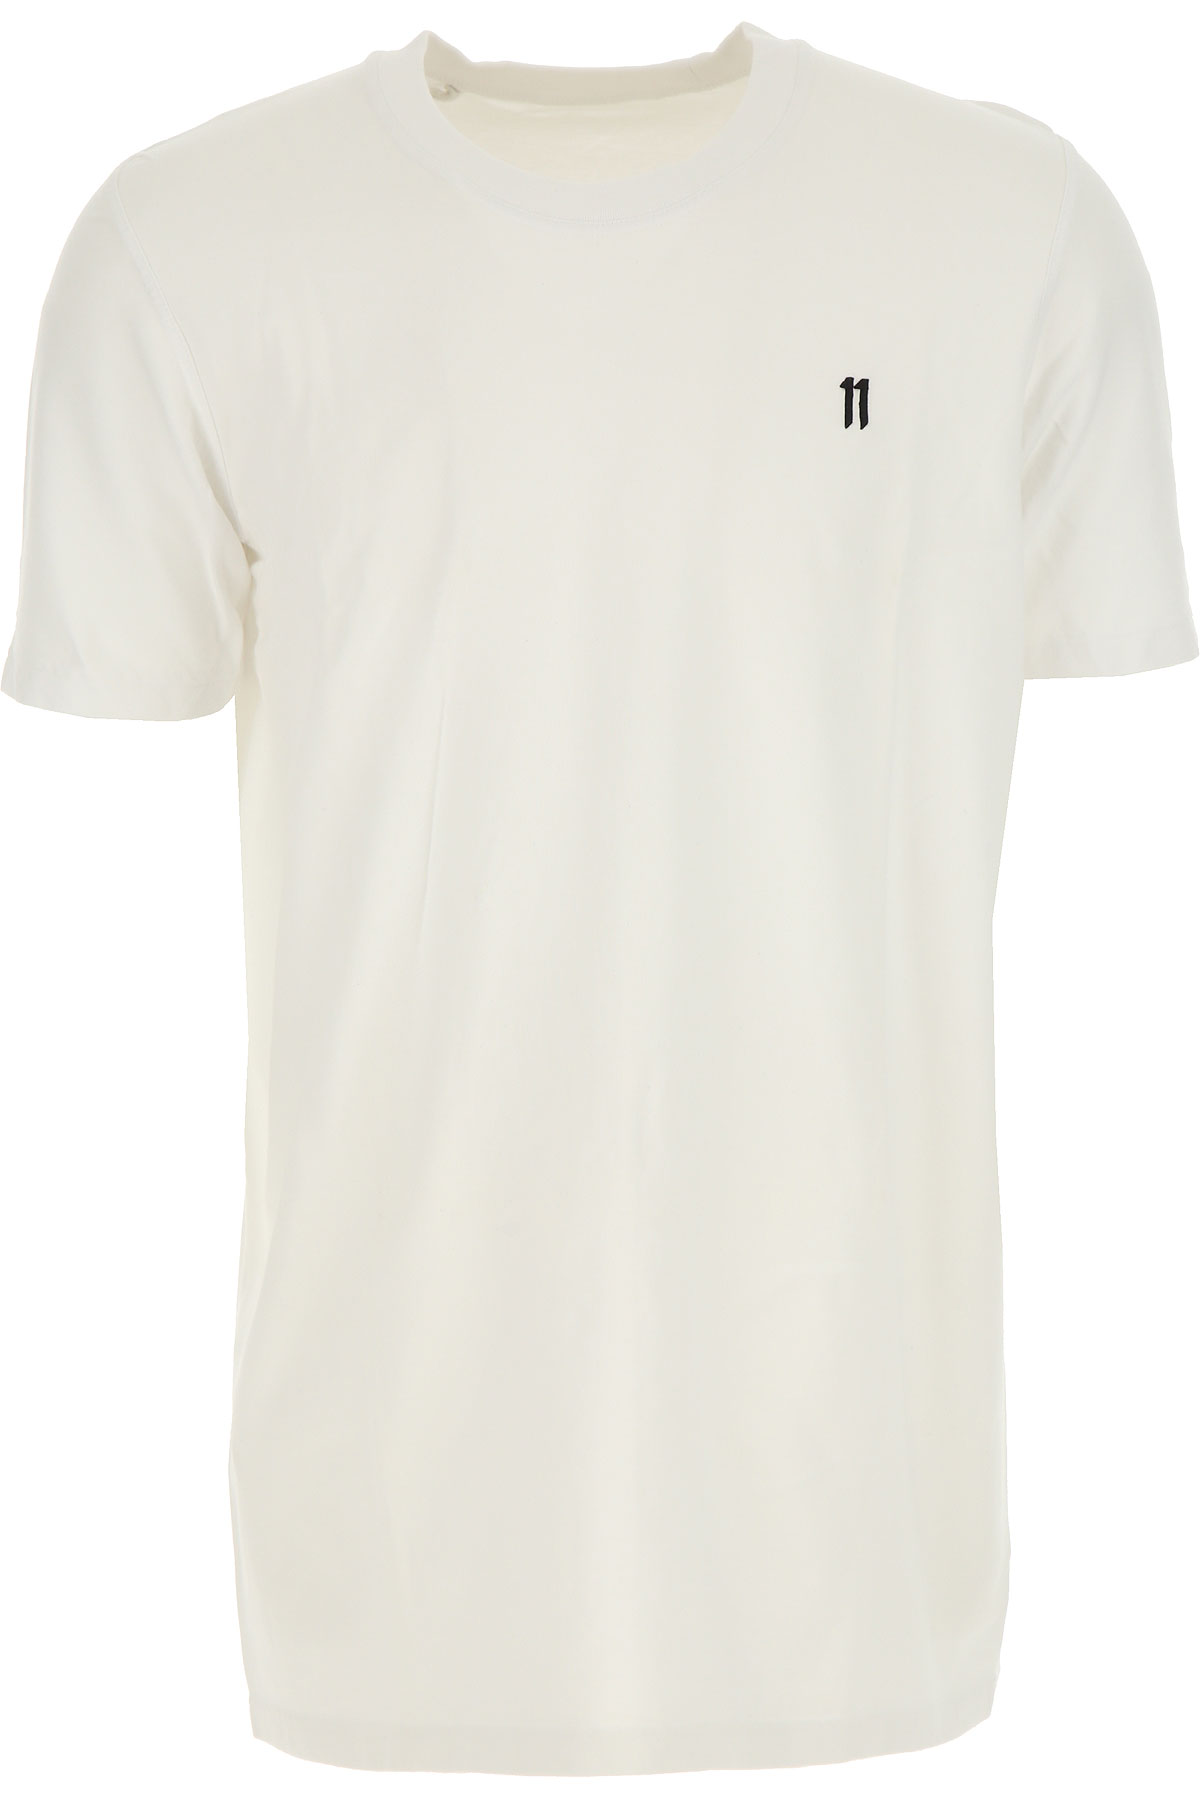 Image of 032c T-Shirt for Men, White, Cotton, 2017, L M S XL